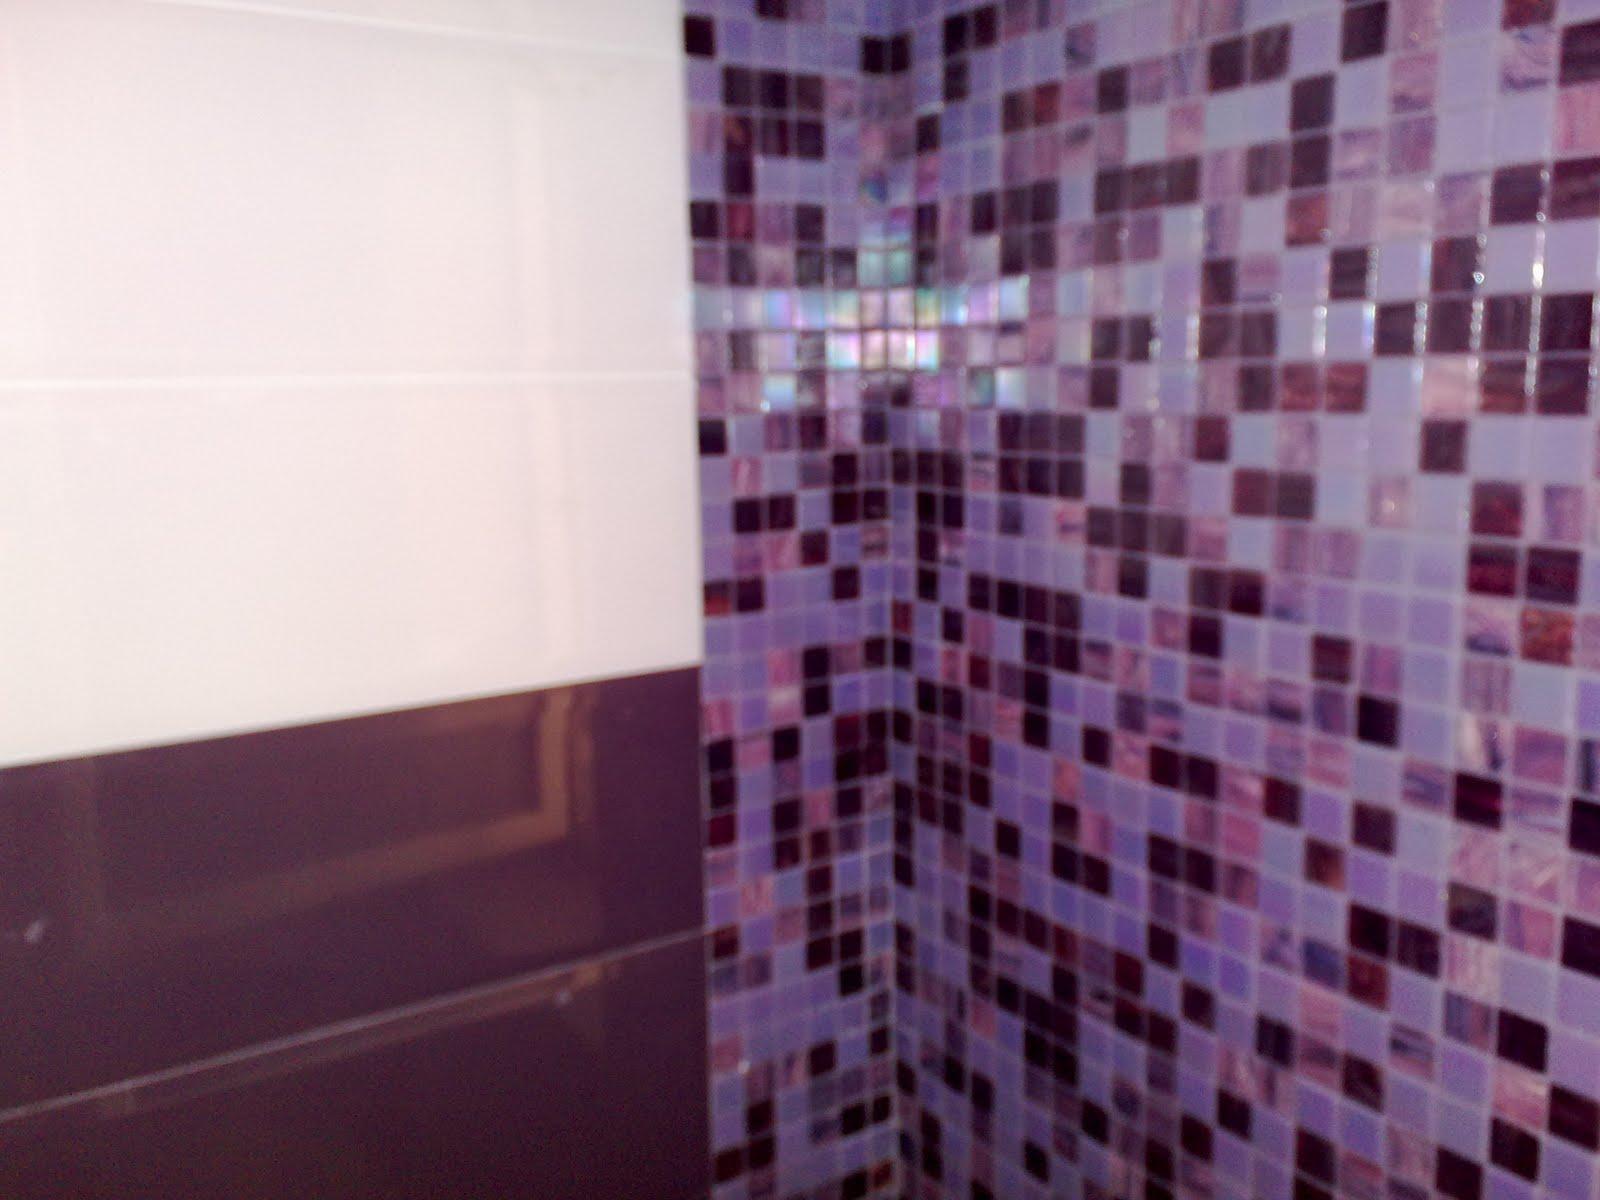 Piastrellista per passione una bella fusione di piastrelle e mosaico - Mosaico piastrelle ...